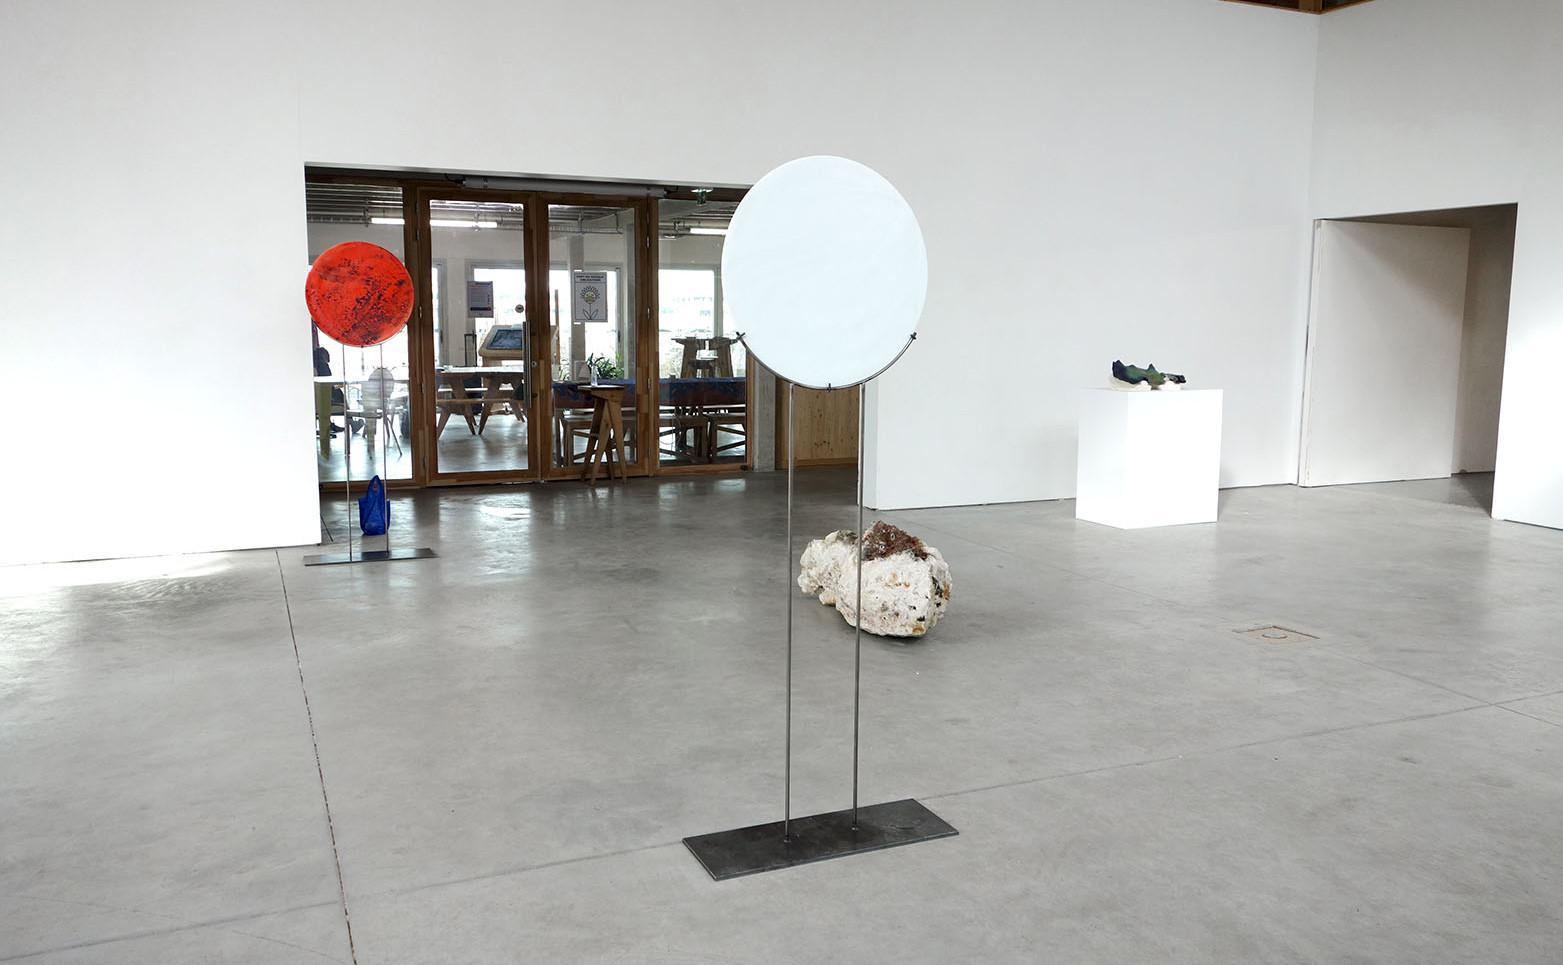 NICOLAS H. MULLER Les rêves, 2020 Acier, porcelaine 180 x 70 x 25 cm.